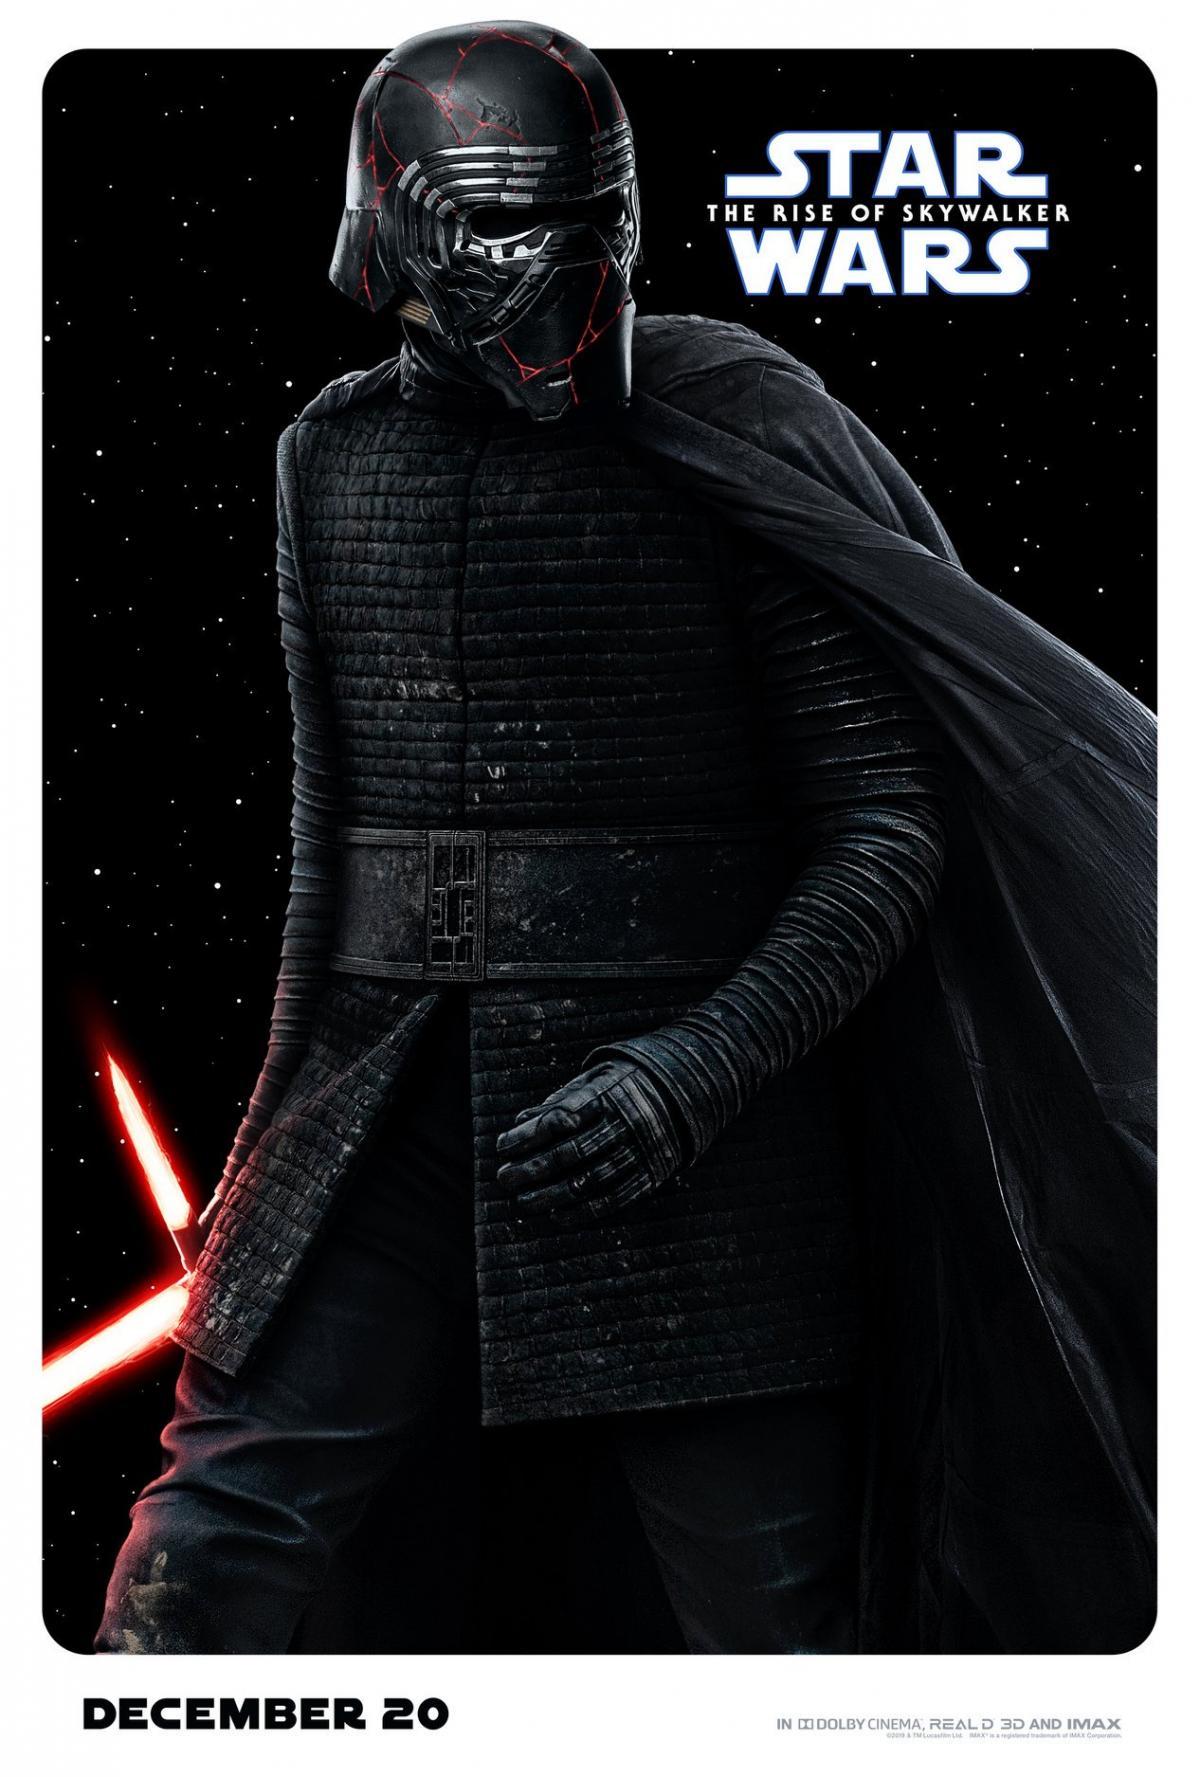 Новий фільм завершить ще одну трилогію кіновсесвіту / Star Wars, Facebook